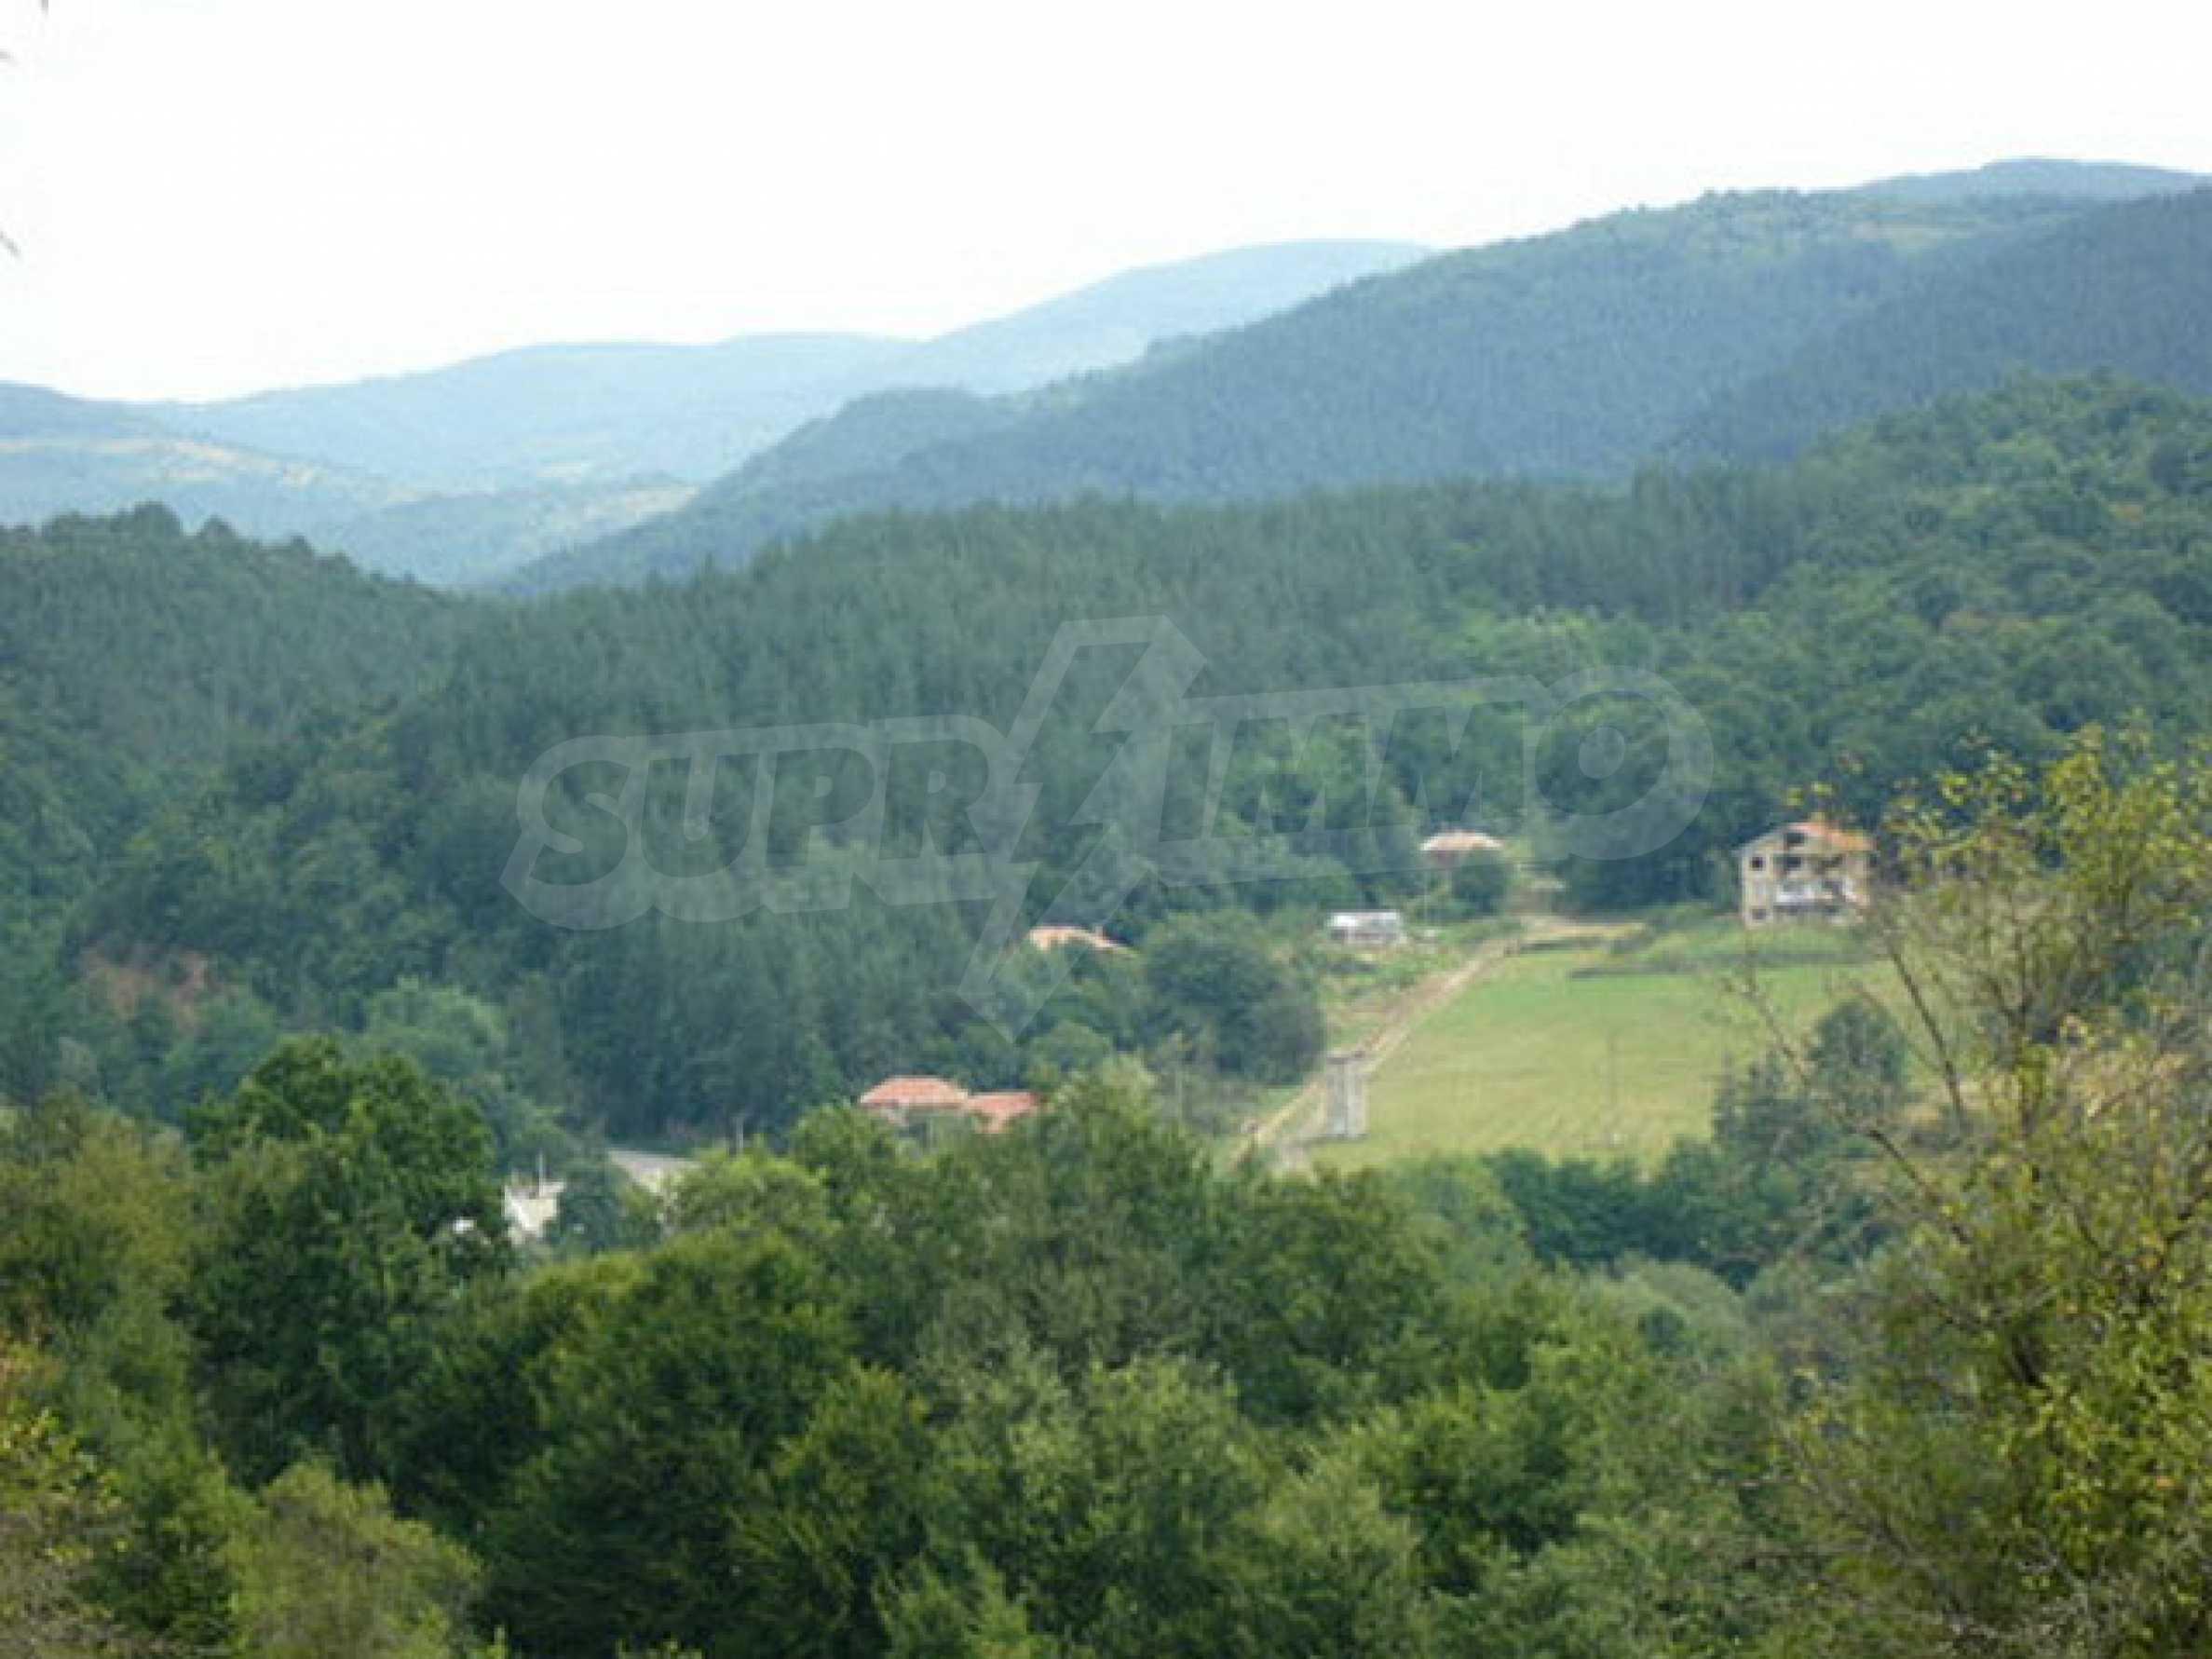 Reguliertes Anwesen in einem Dorf, das mit seinen Mineralquellen beliebt ist 7